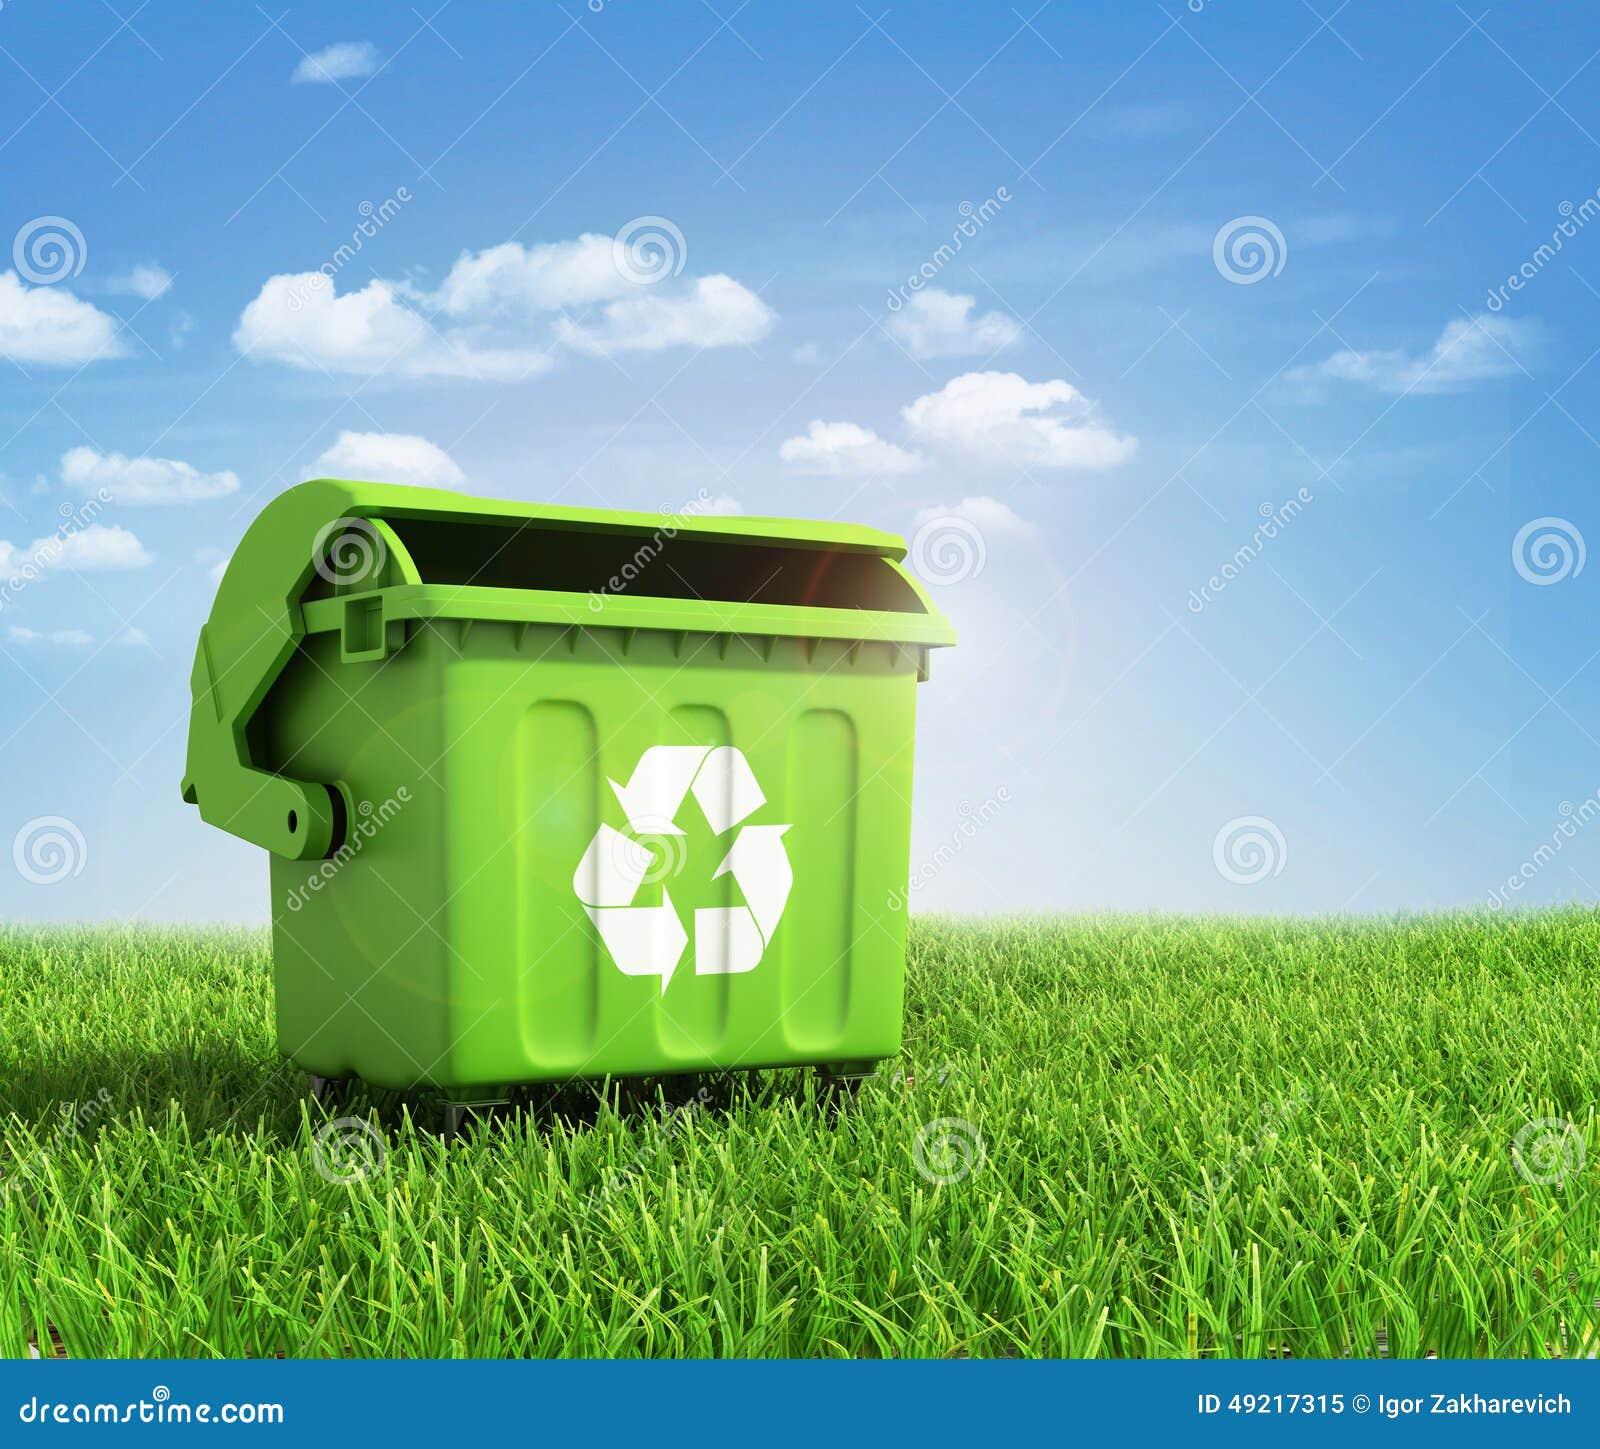 回收容器的绿色塑料垃圾